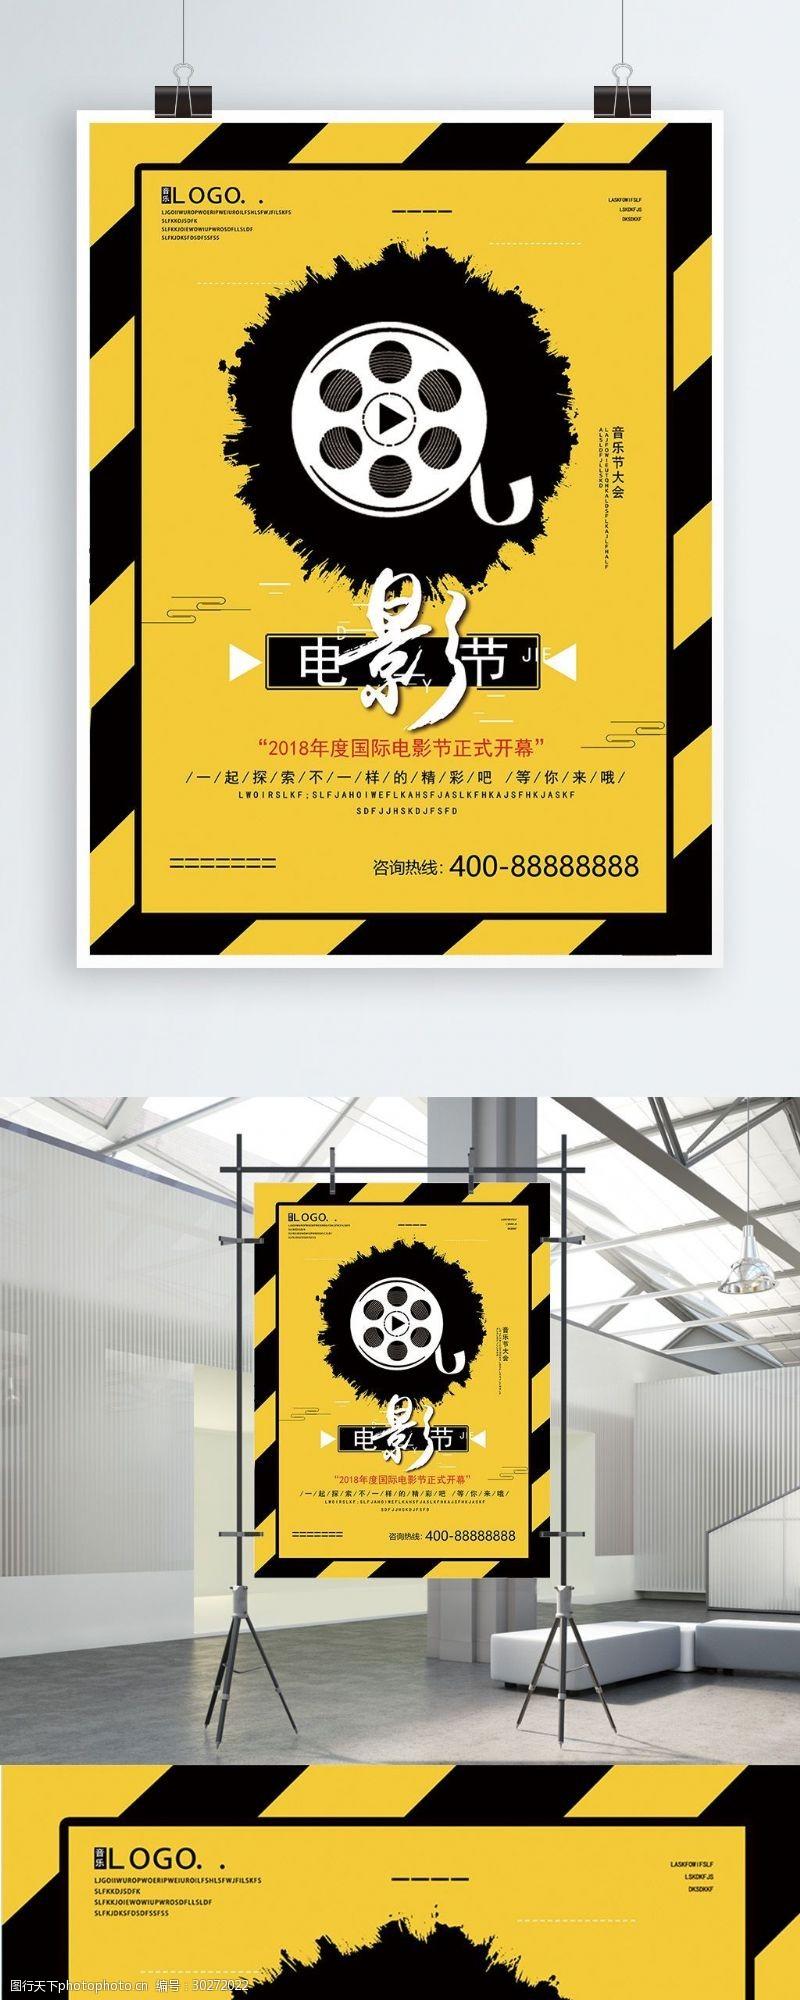 电影票预订黄黑色创意简约创意大气电影节开幕宣传海报